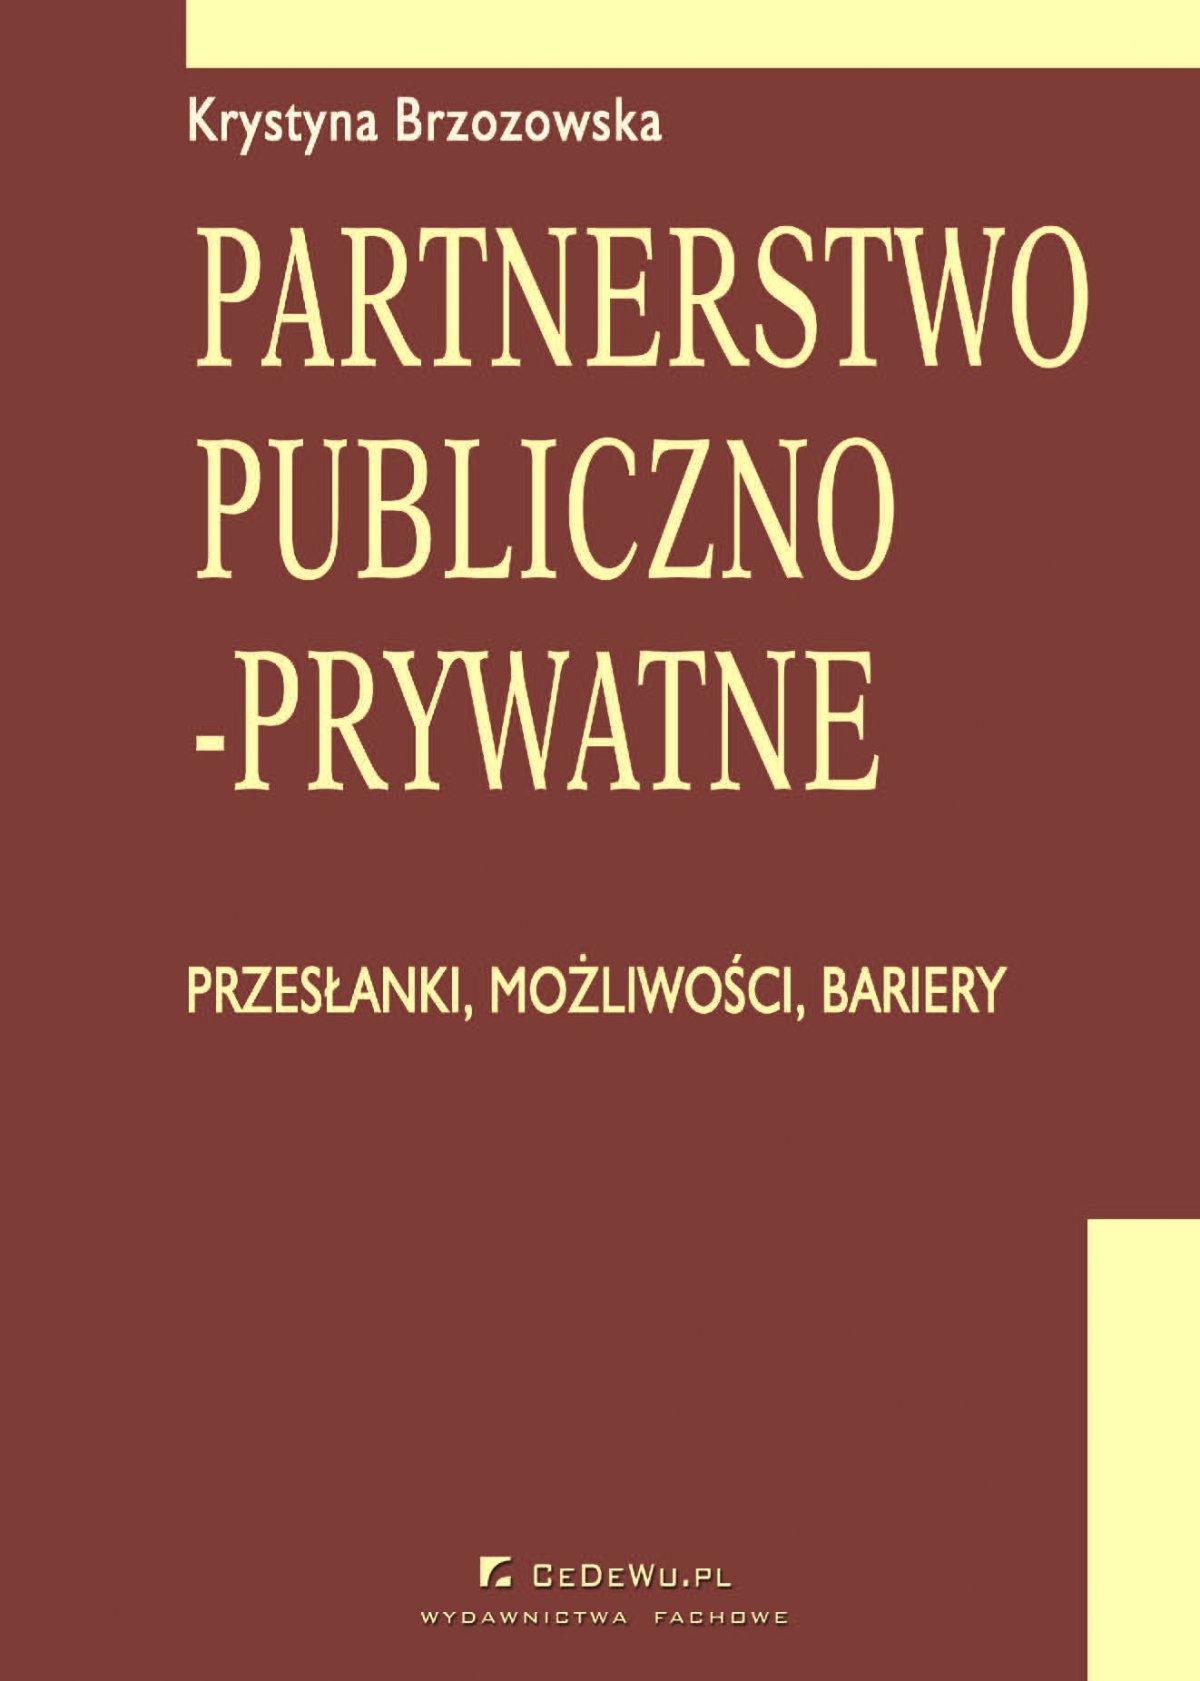 Partnerstwo publiczno-prywatne. Przesłanki, możliwości, bariery. Rozdział 11. Partnerstwo publiczno-prywatne w regulacjach Unii Europejskiej - Ebook (Książka PDF) do pobrania w formacie PDF